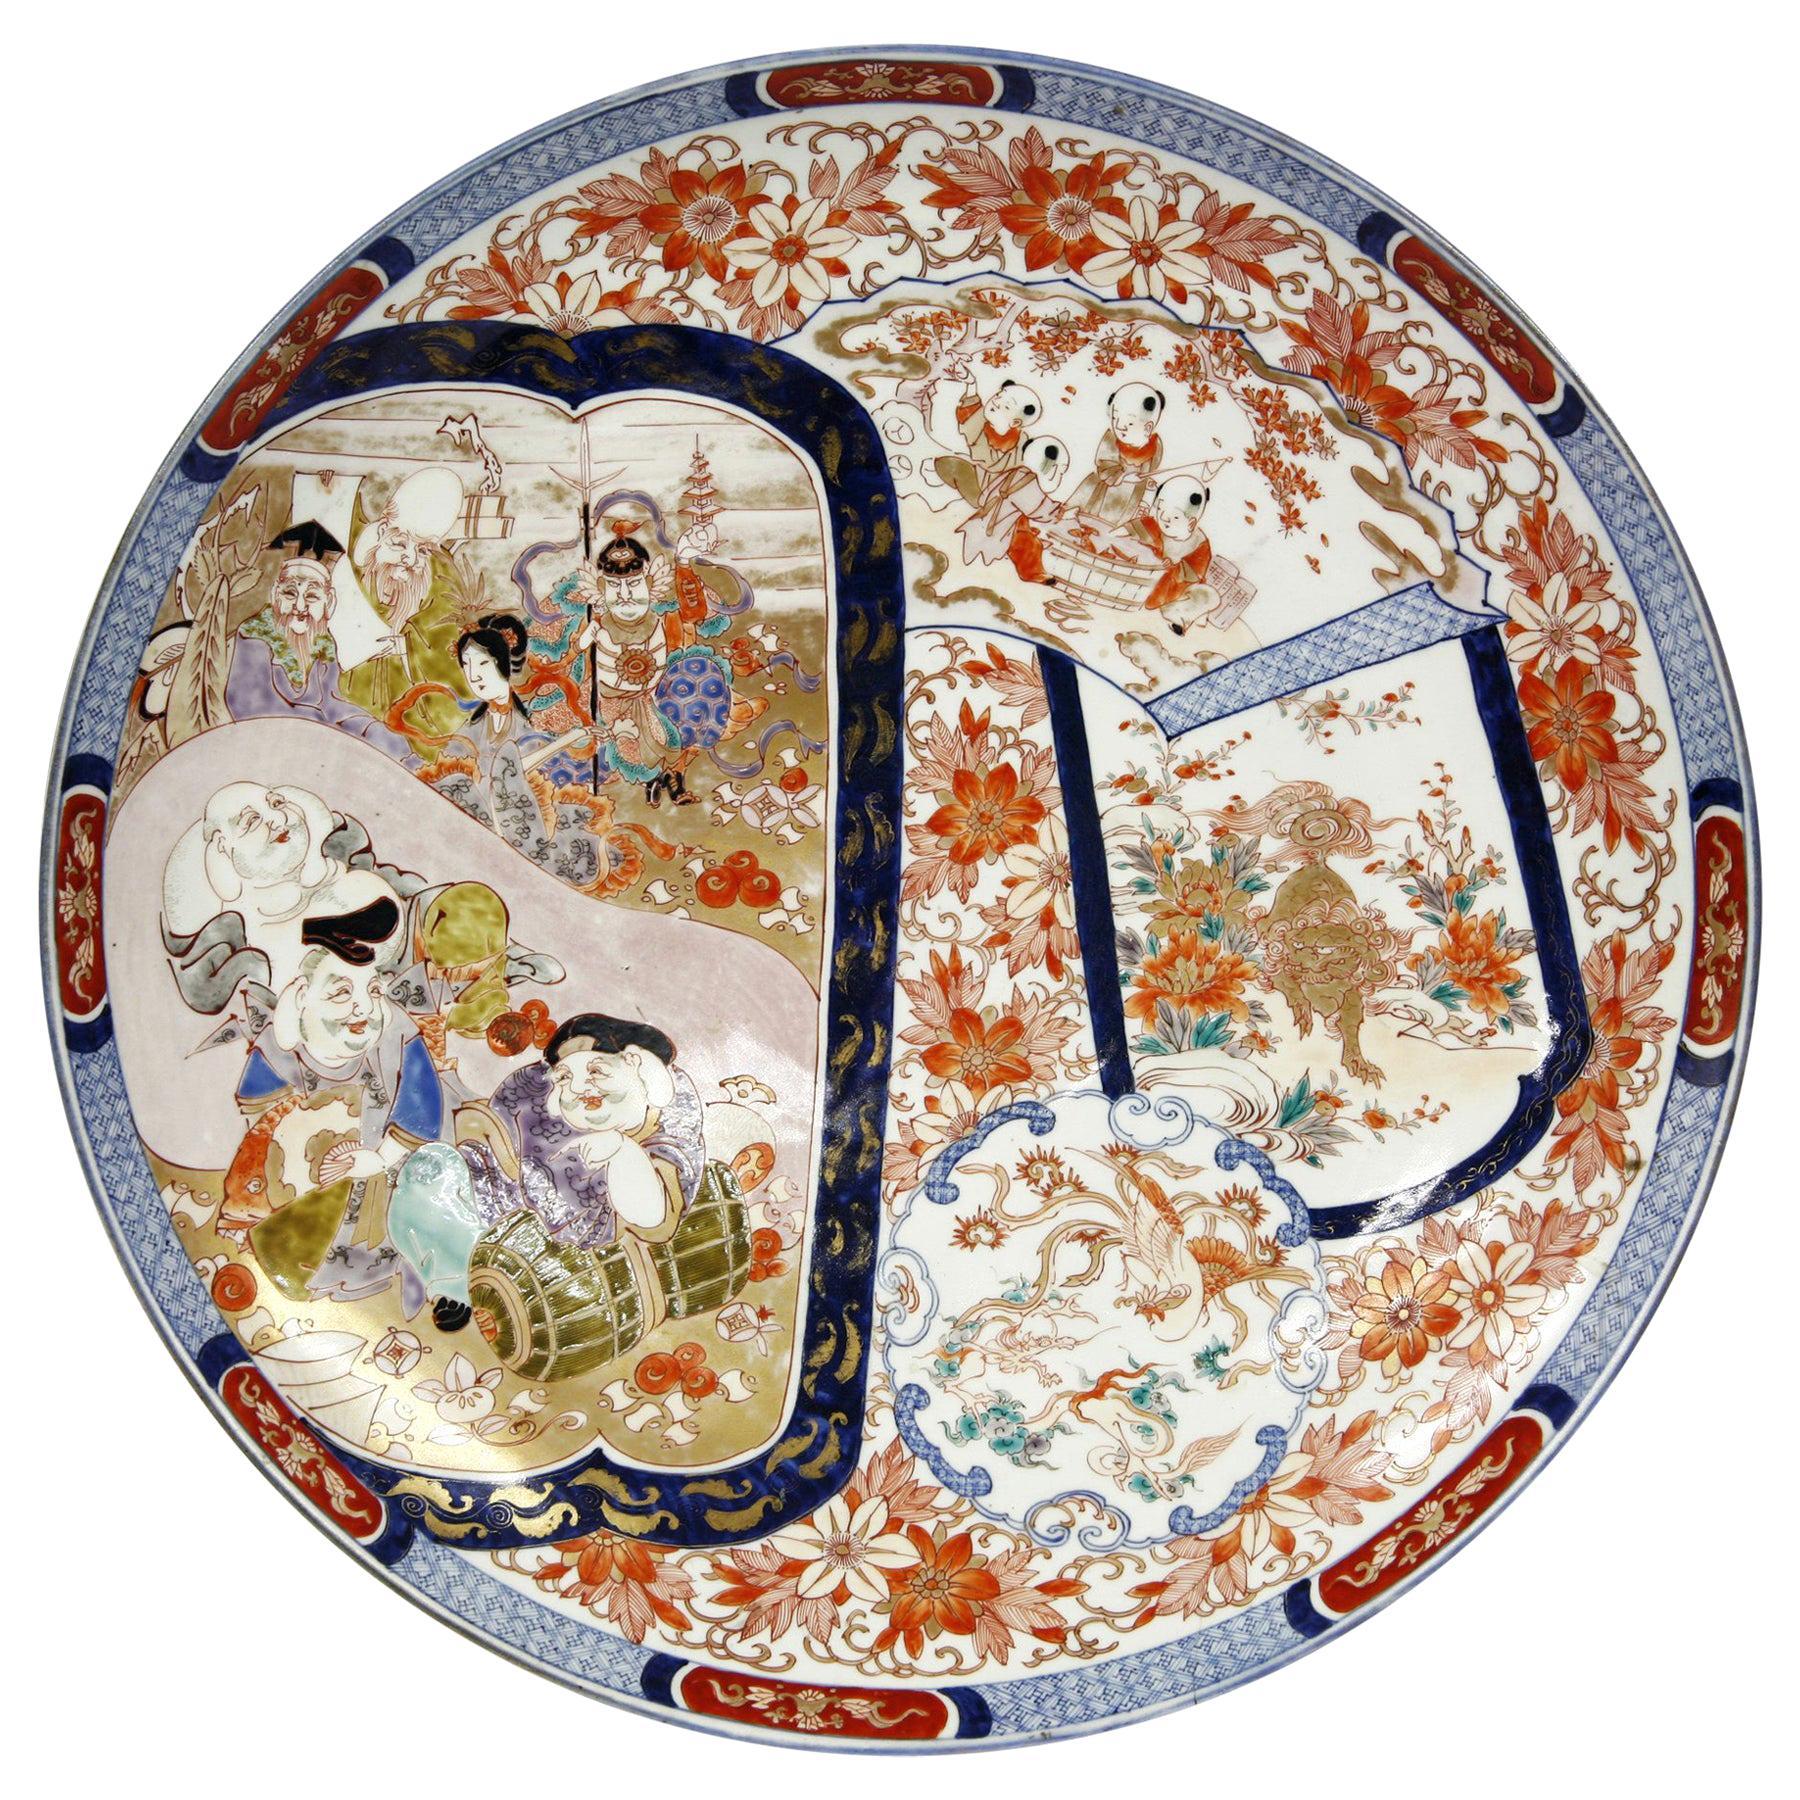 Antique Imari Porcelain Dish of Massive